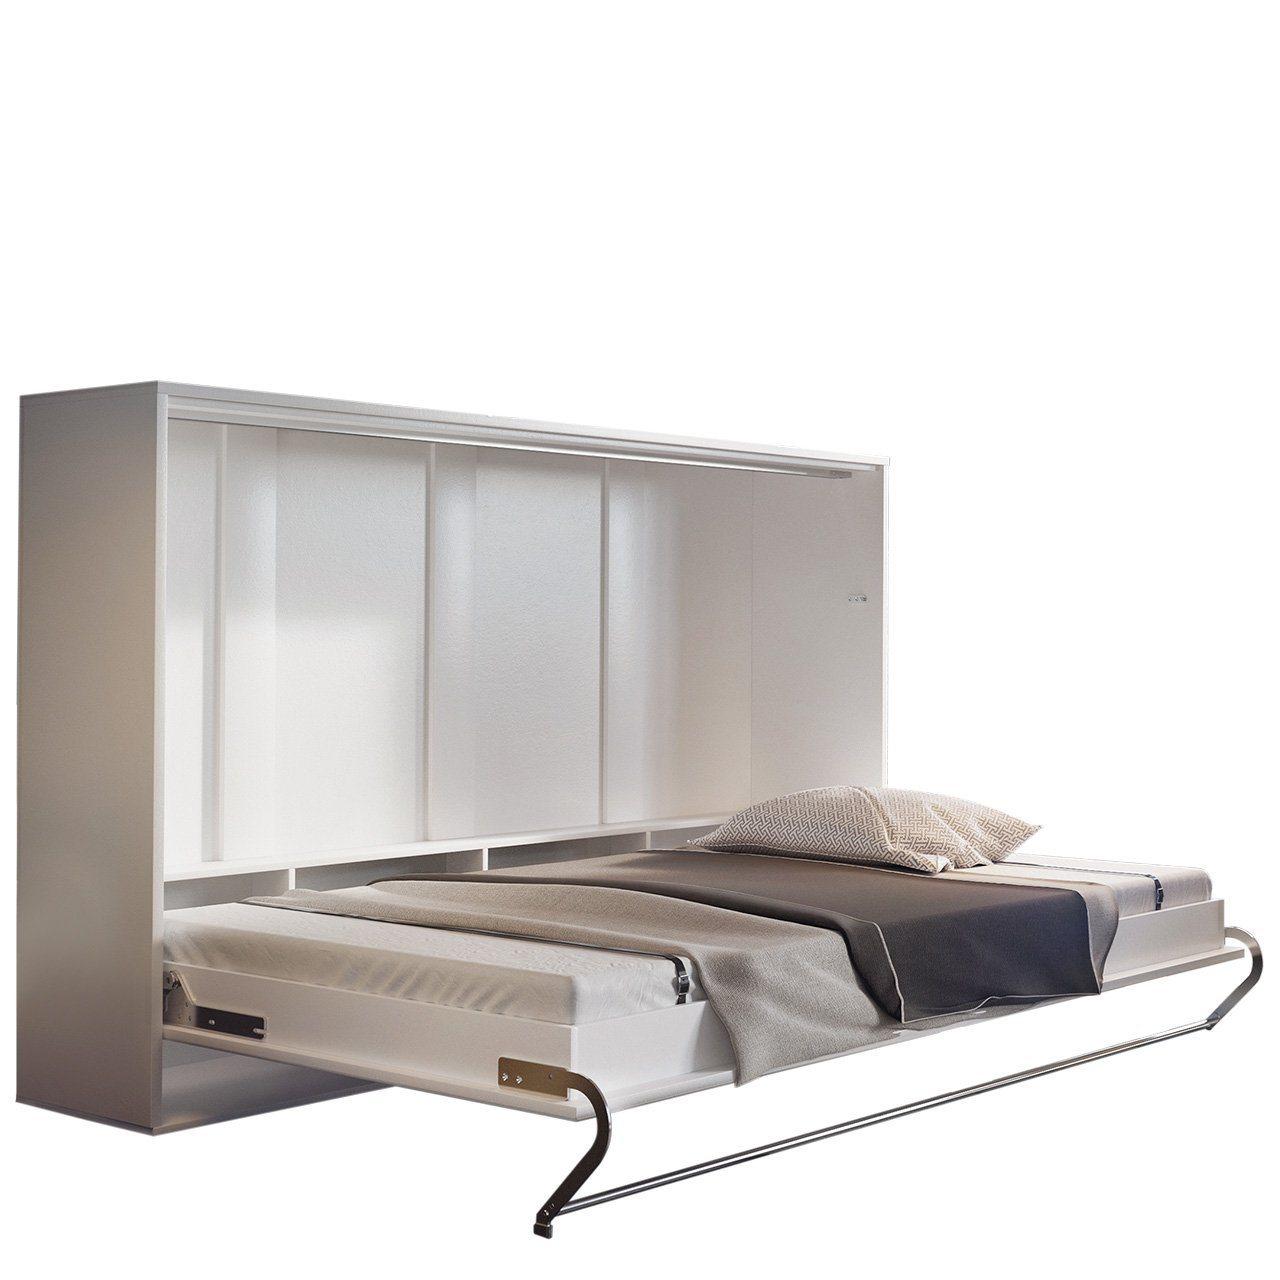 Full Size of Ausklappbares Bett Schrankbett Test Platzsparend In Kleinen Rumen Vergleich Der 2m X Betten Landhausstil Außergewöhnliche Aus Holz Günstig Kaufen Köln Bett Ausklappbares Bett